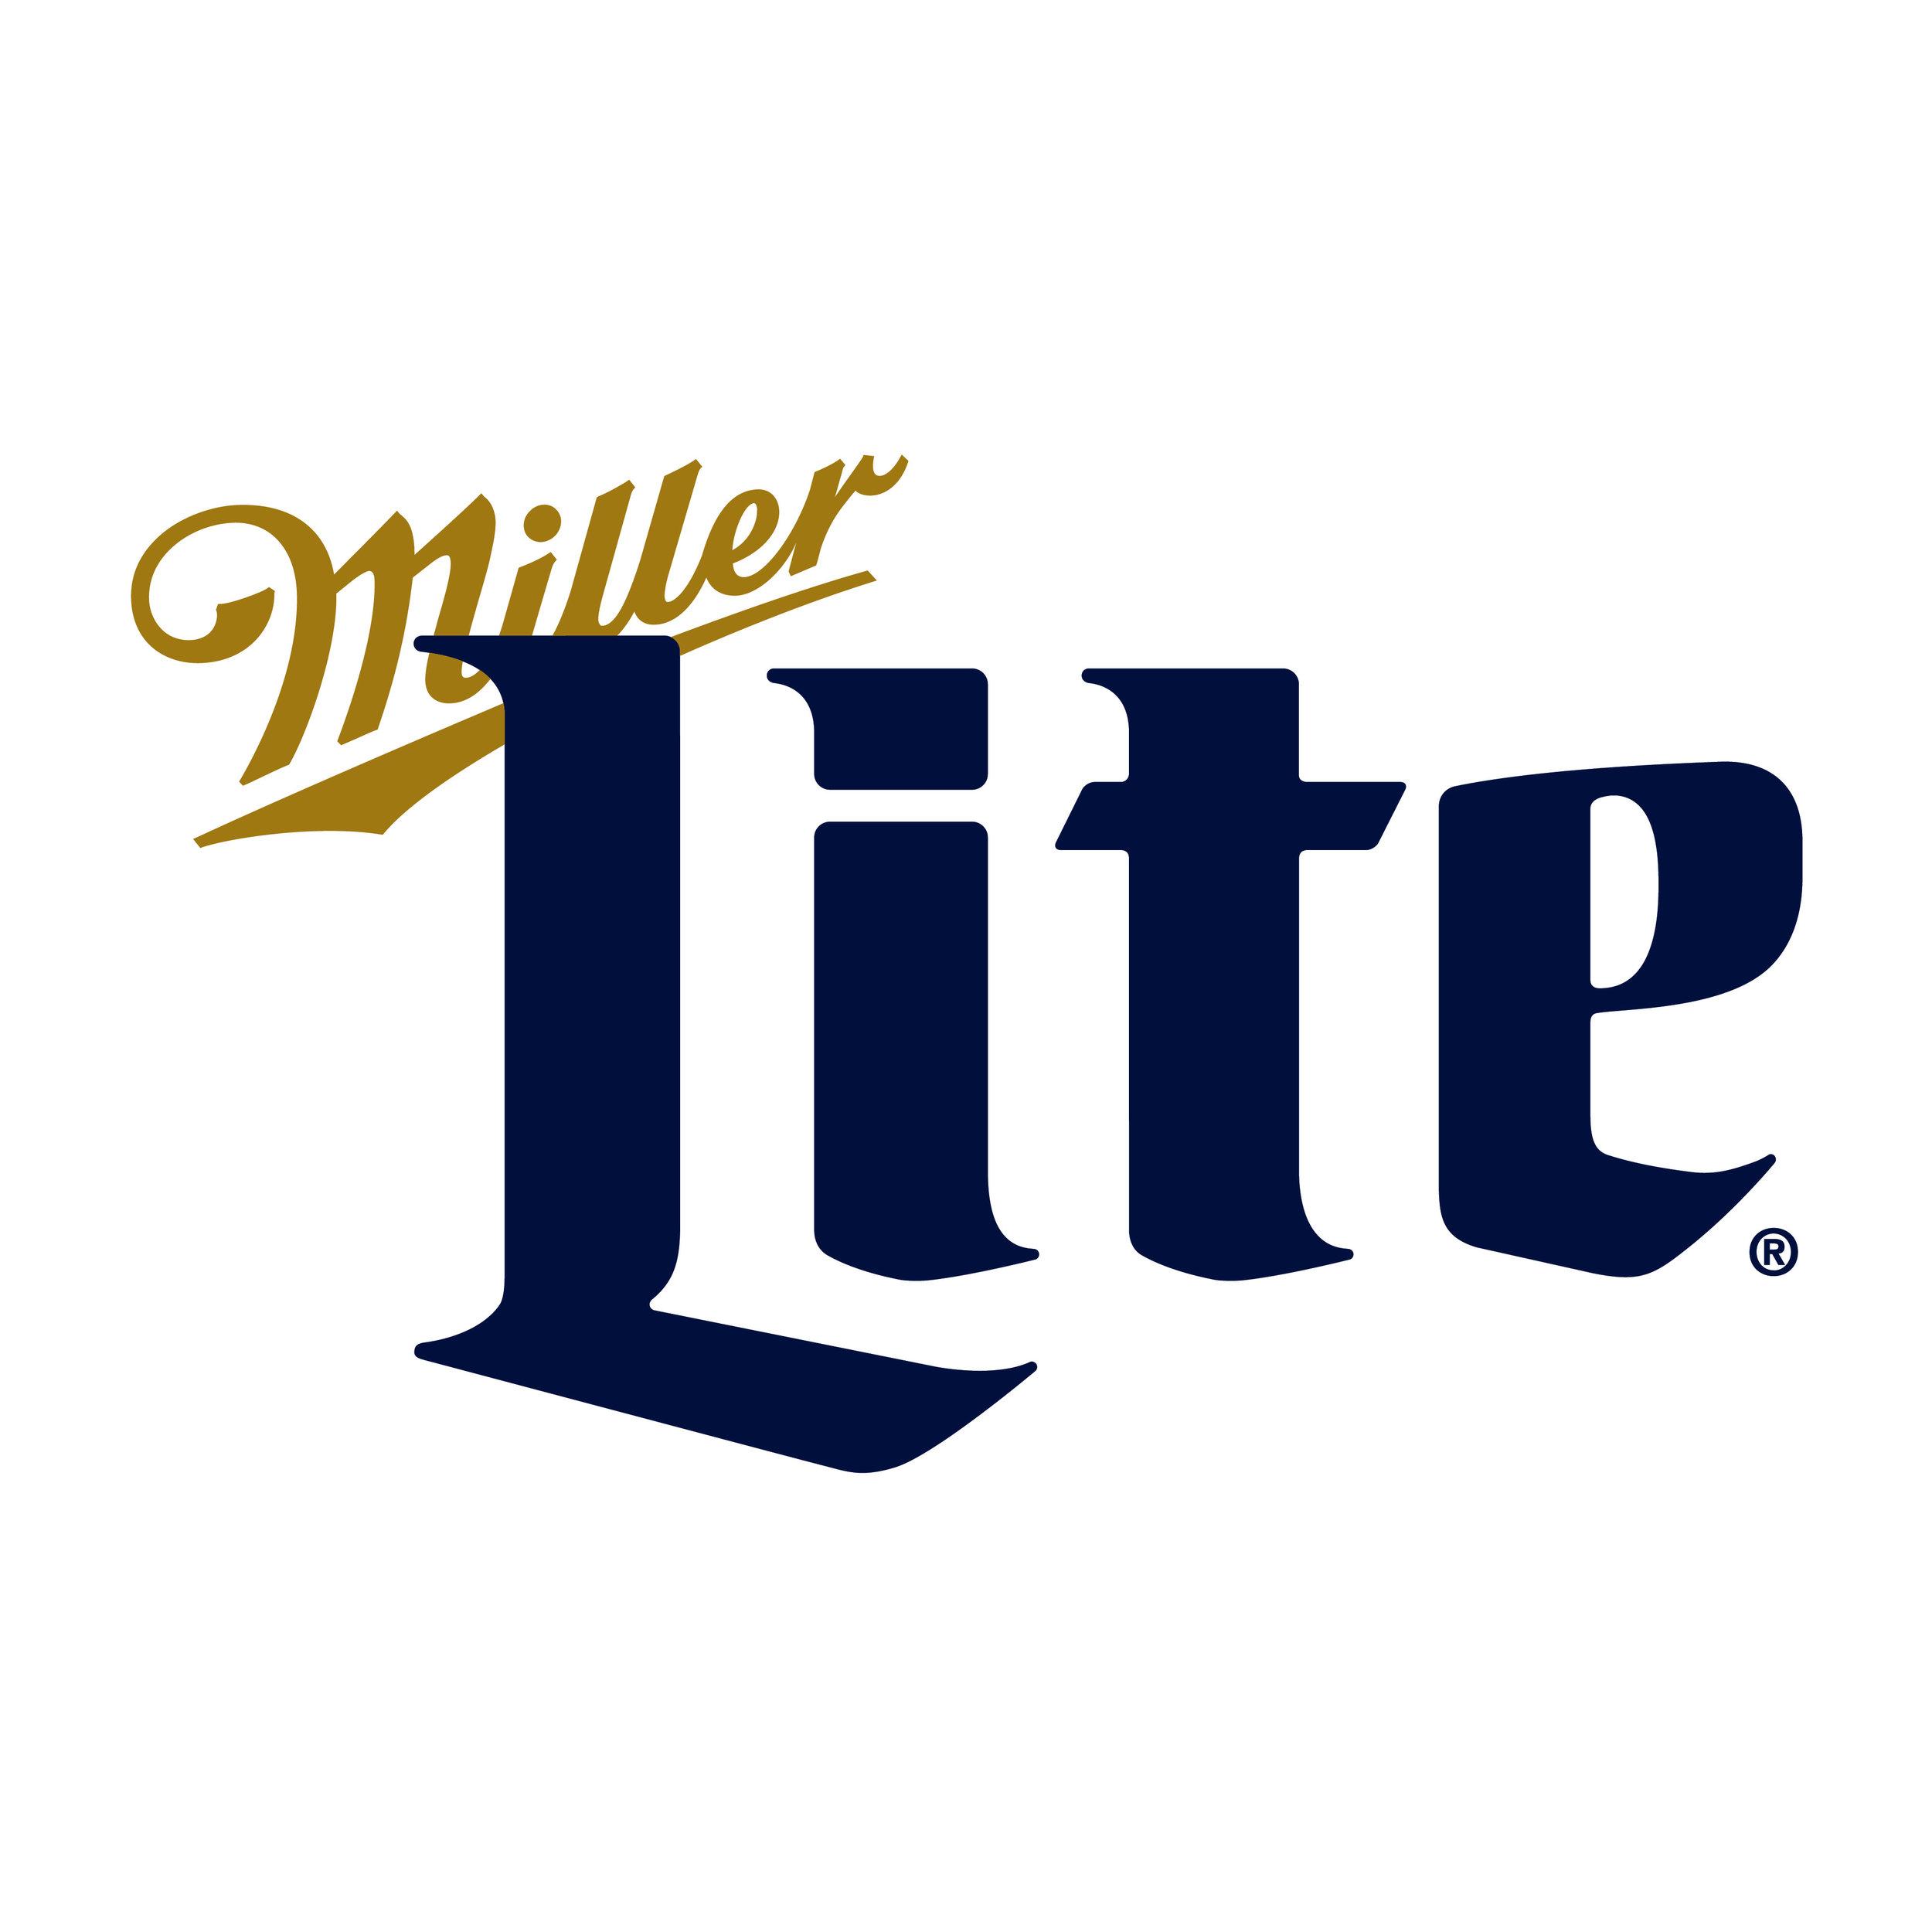 Miller Lite Retro Logo.JPG